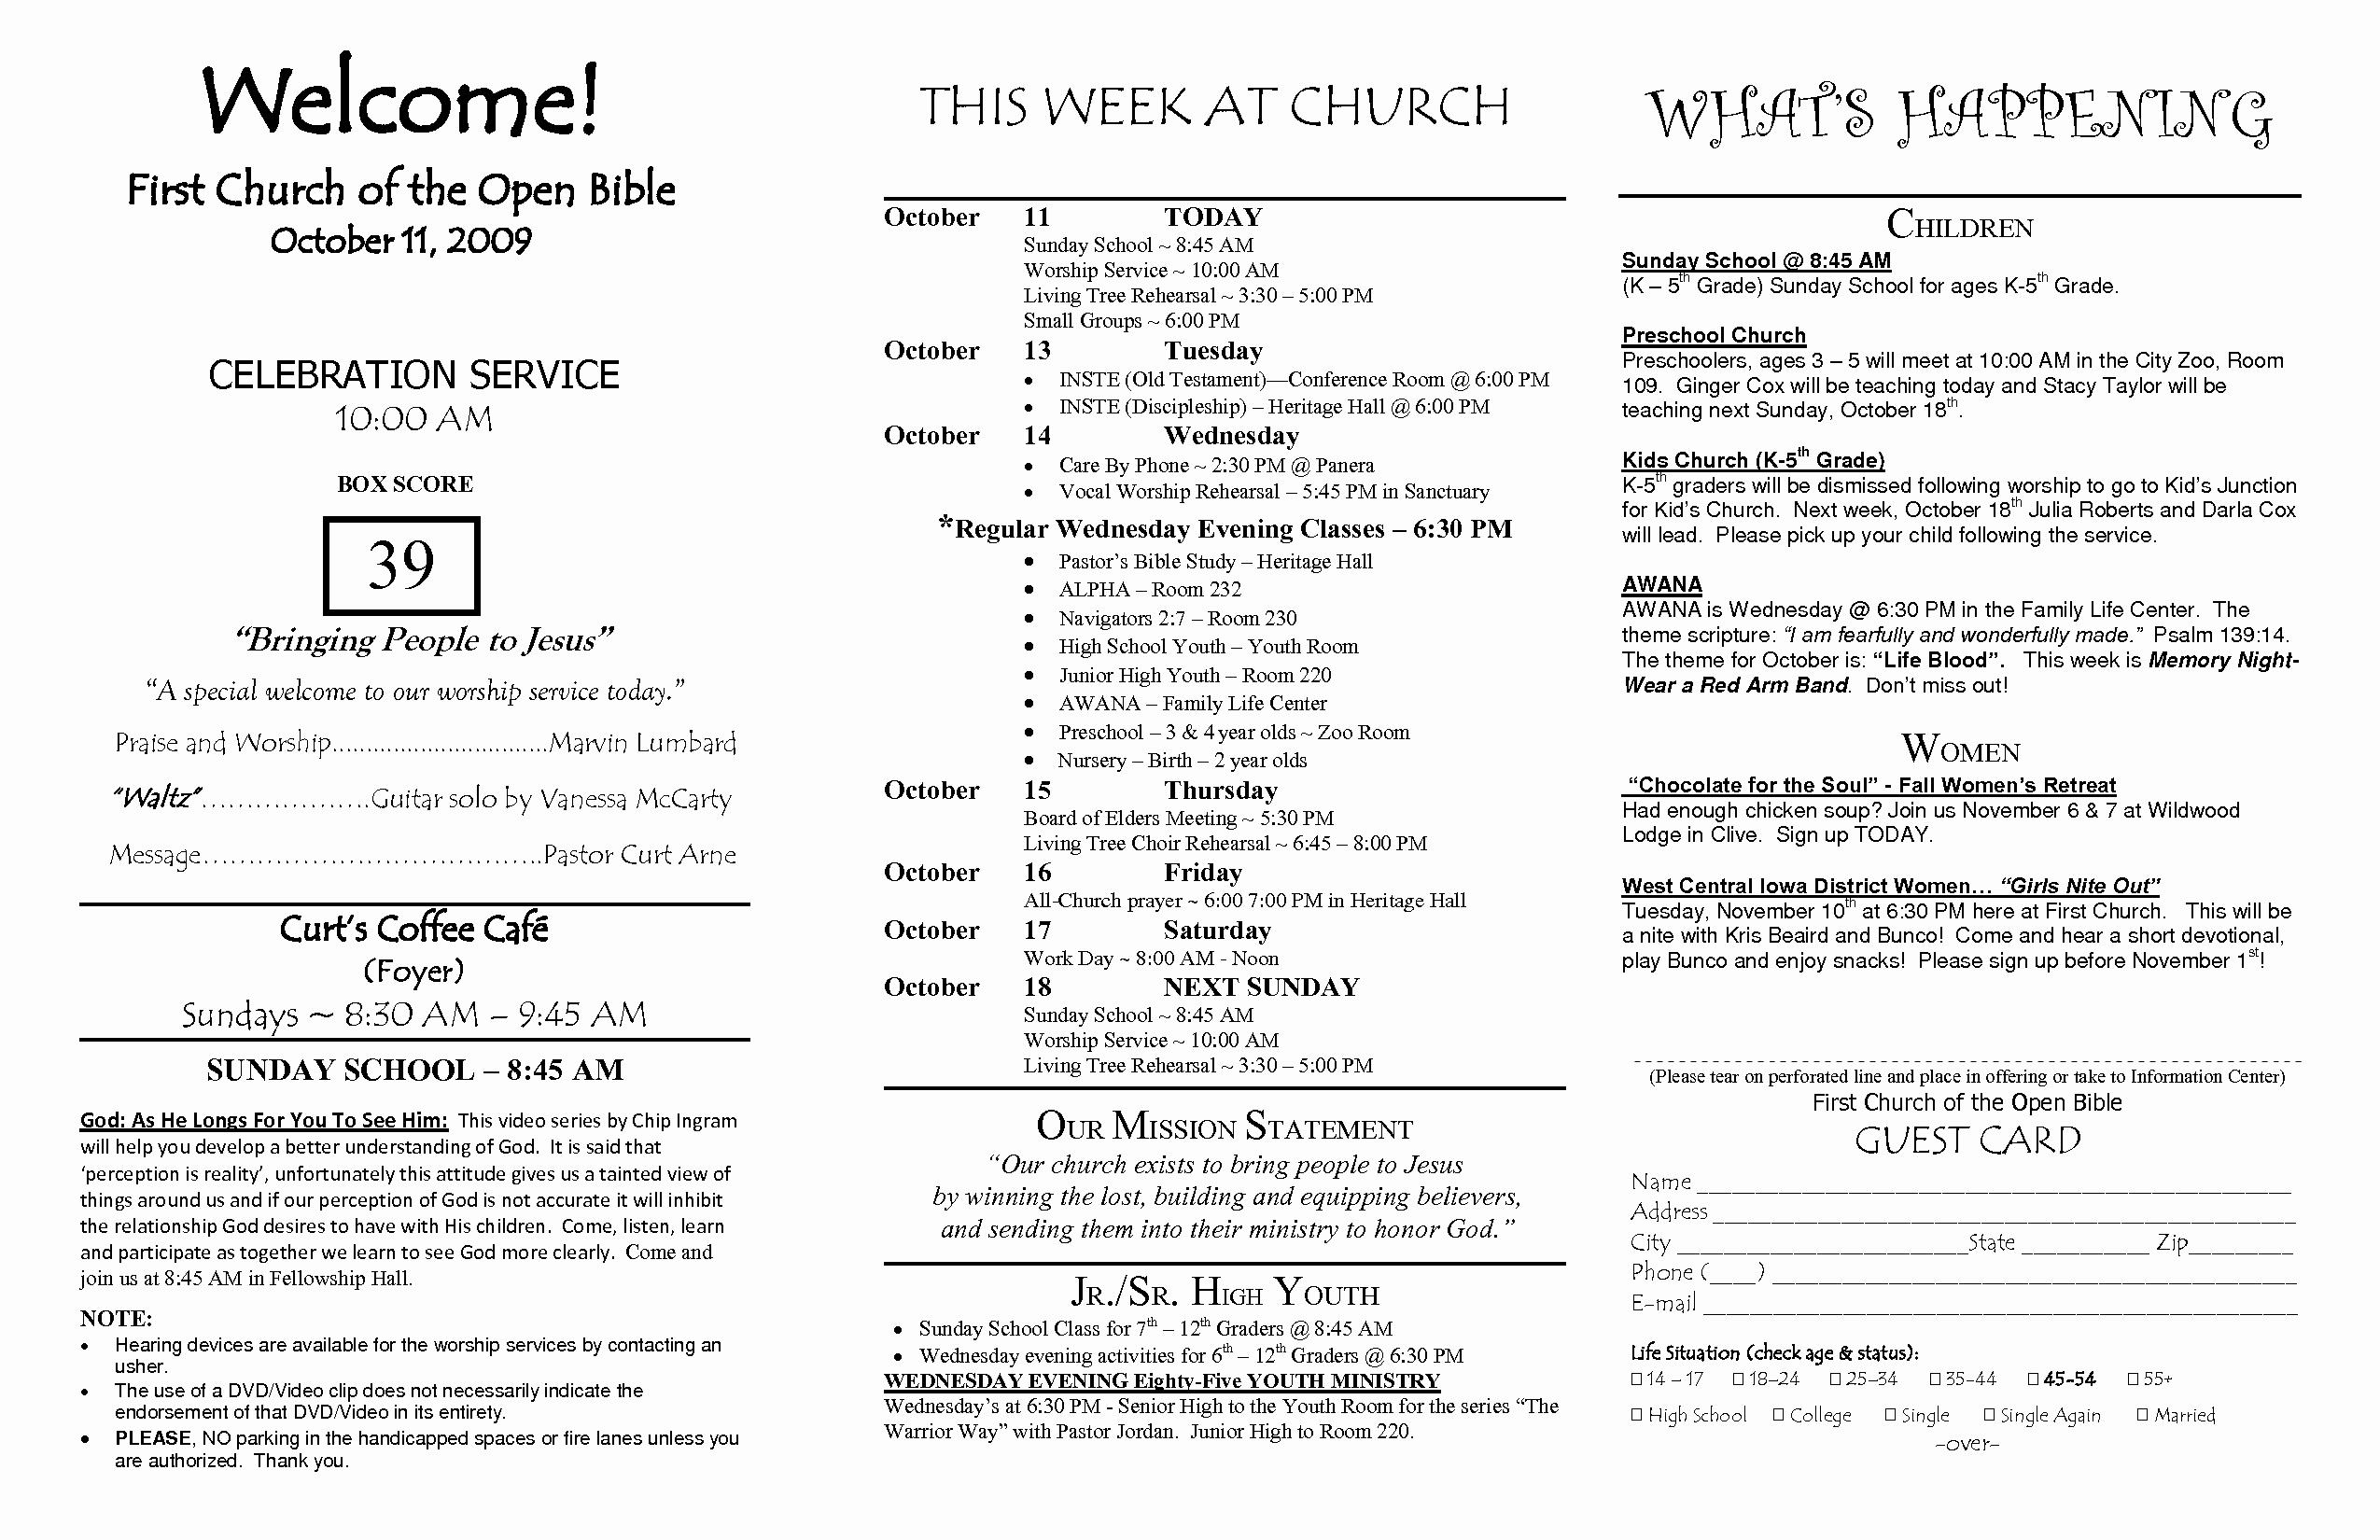 Free Church Bulletin Templates Unique Church Bulletin Templates